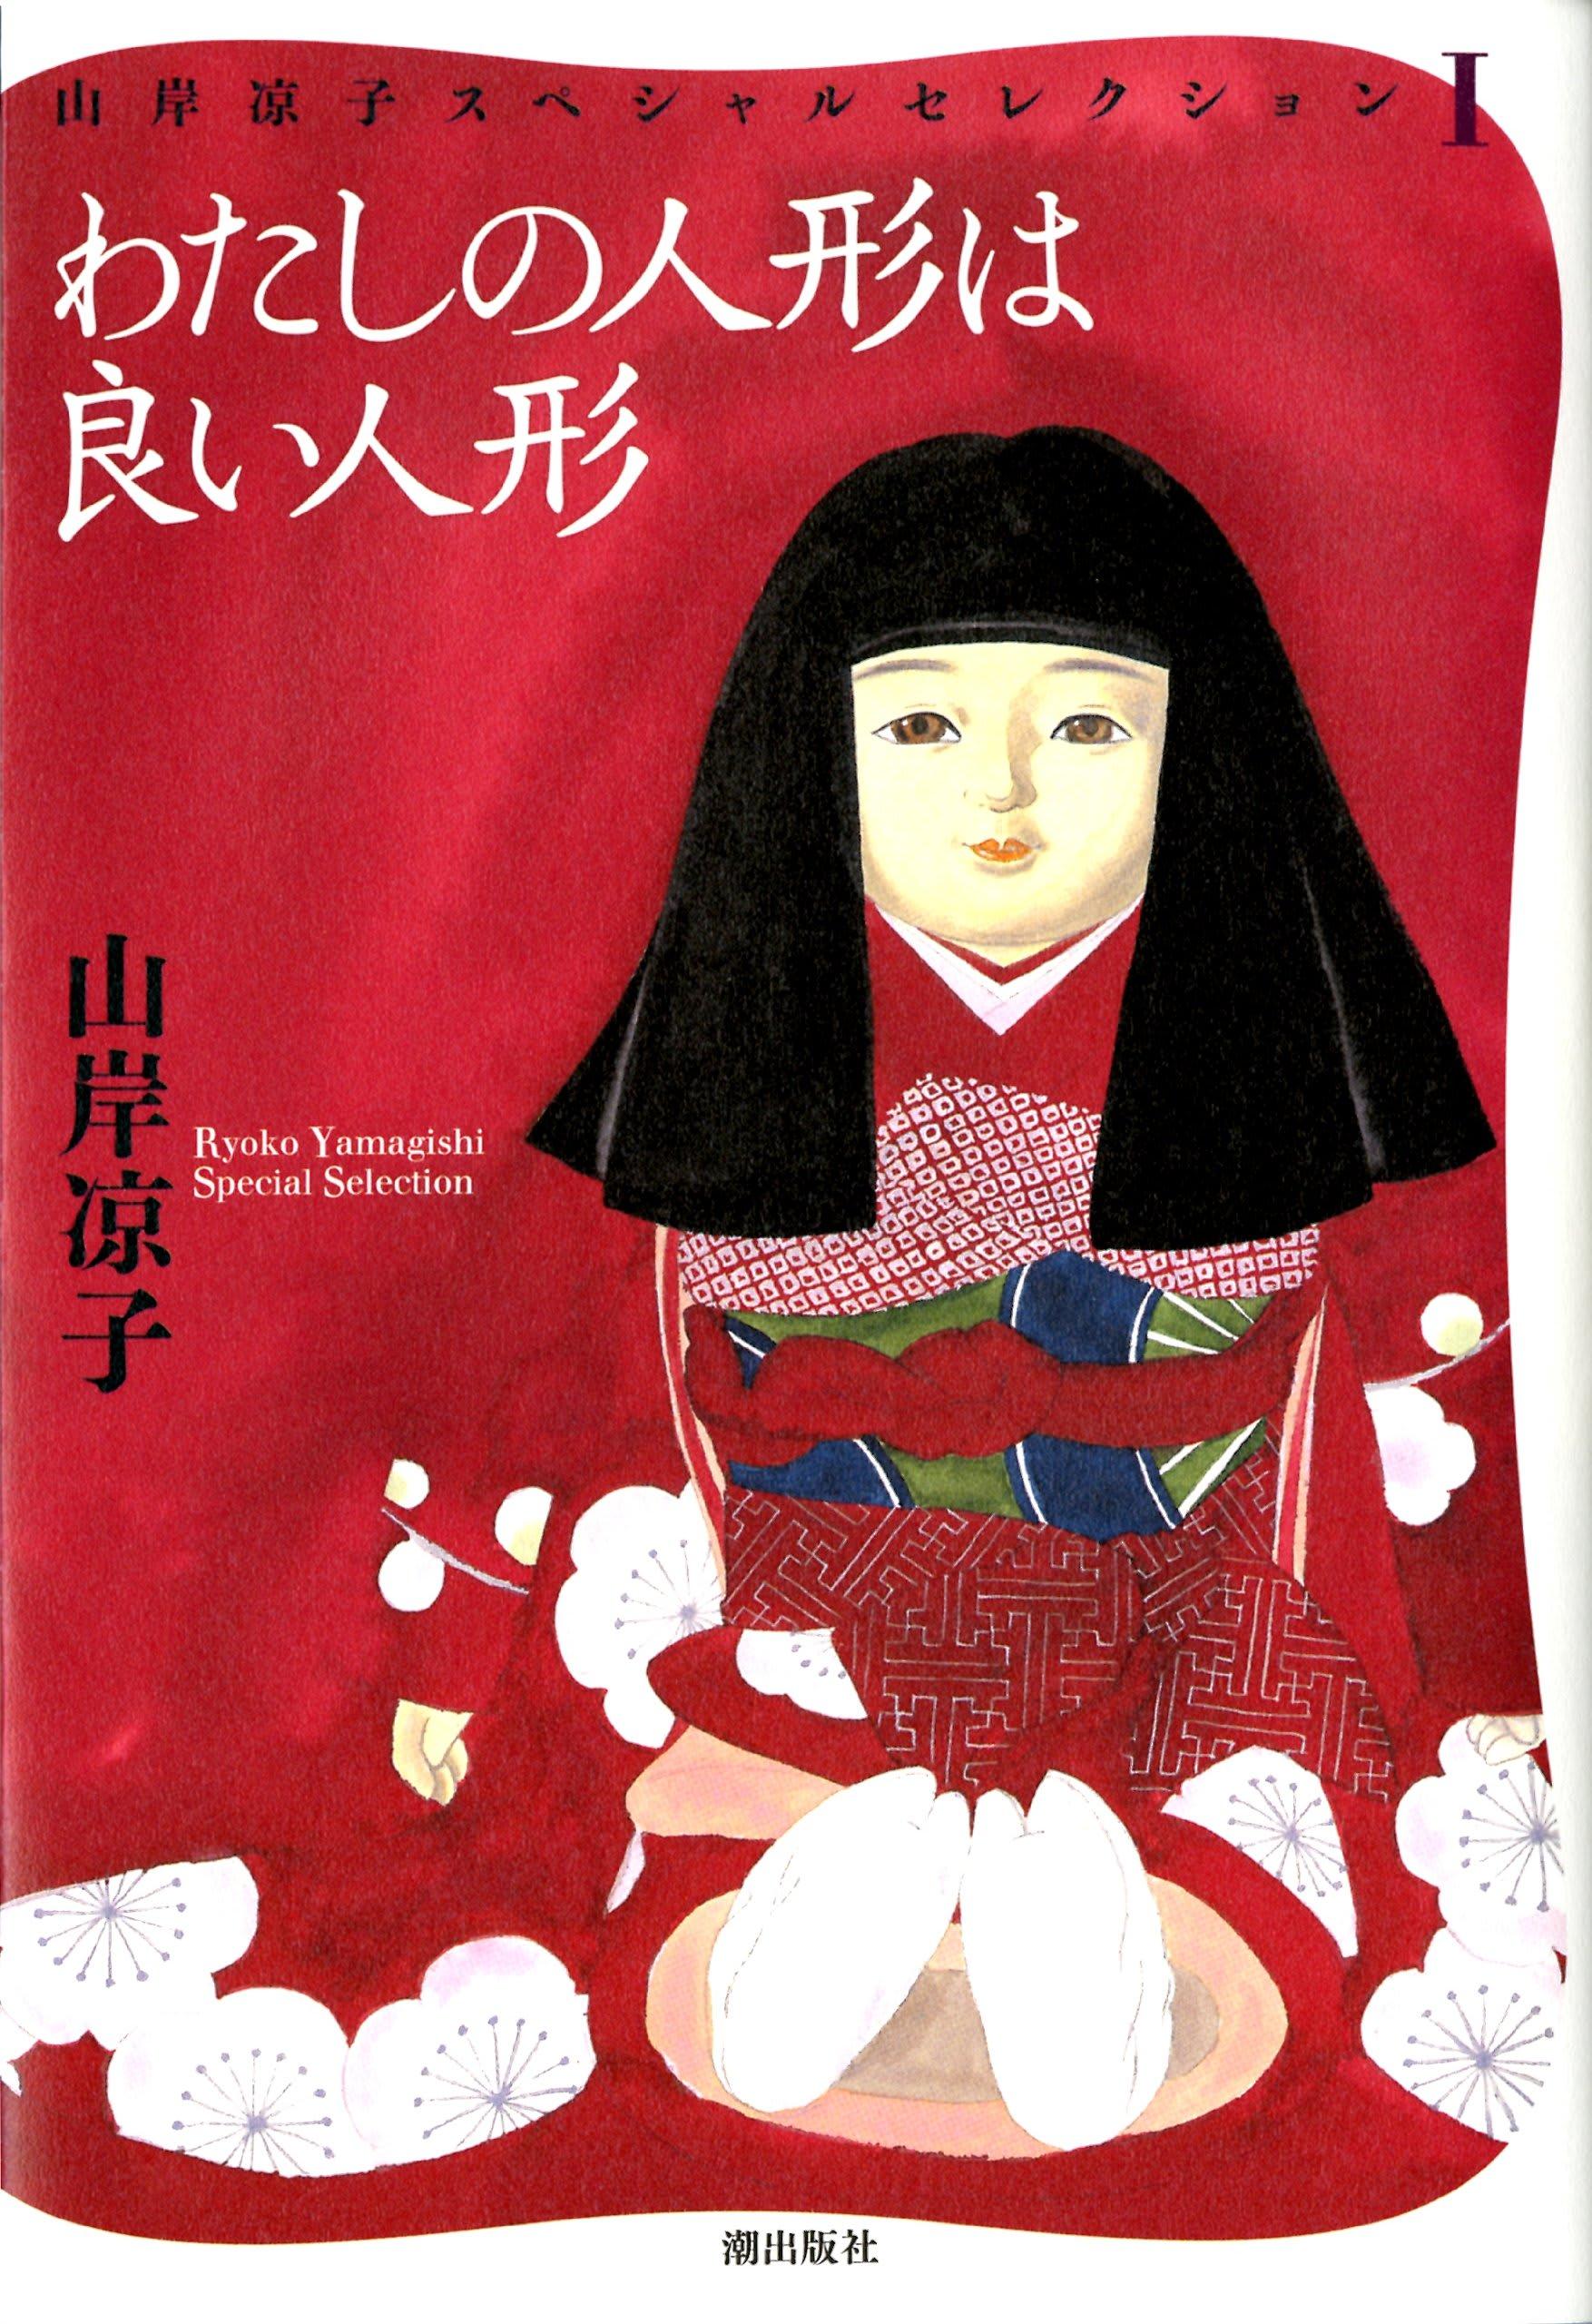 独特な細い線の絵柄が怖さを増す。恐怖漫画の傑作「わたしの人形は良い人形」山岸凉子